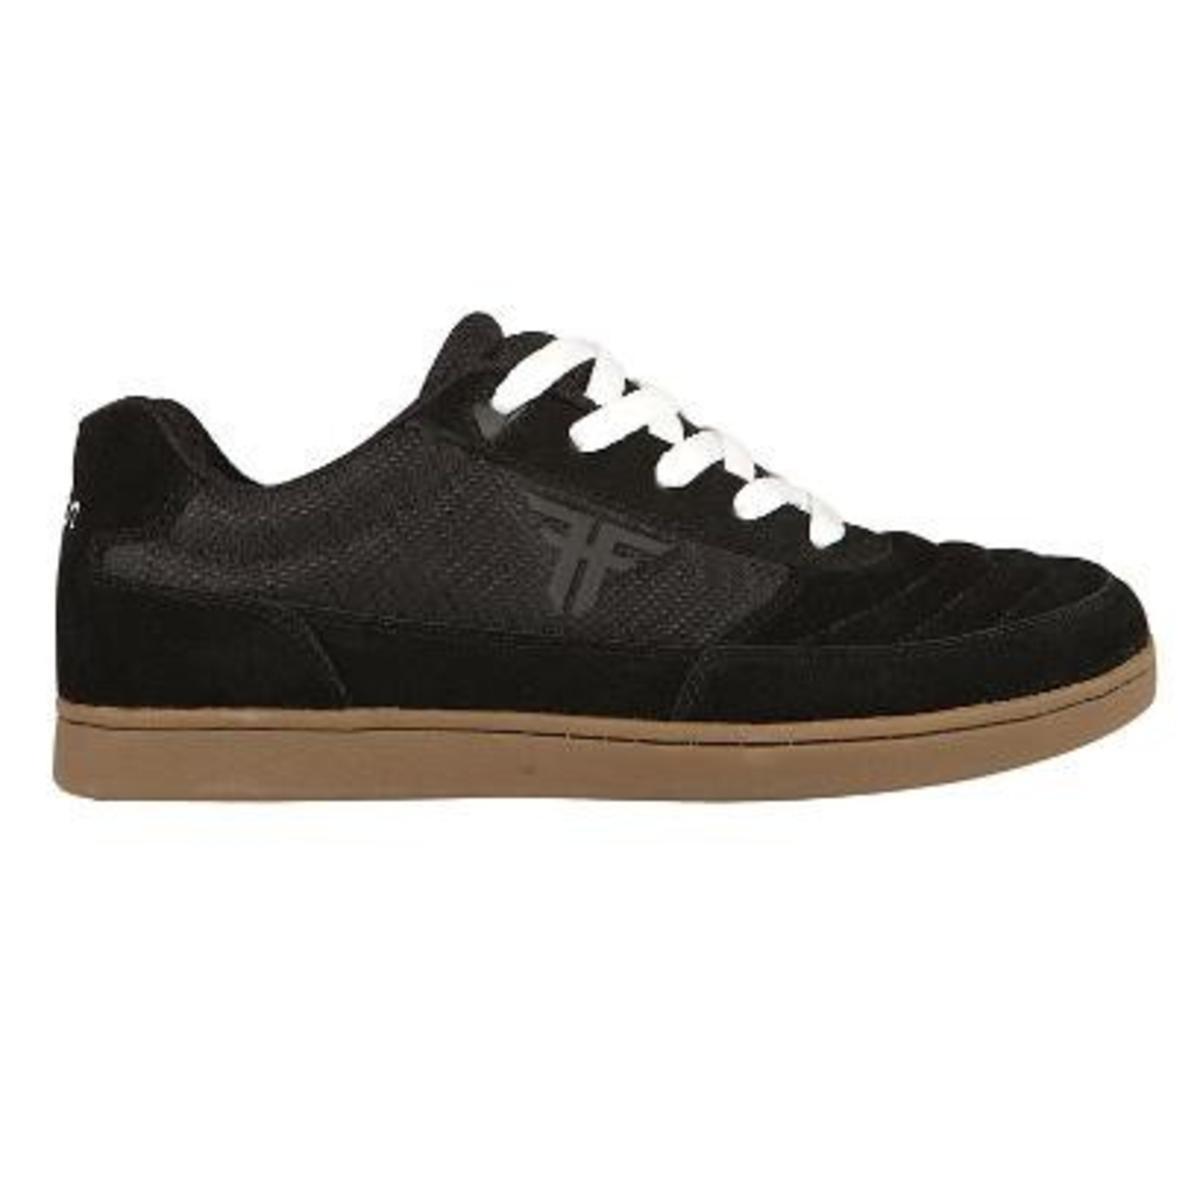 Fallen Skateboard Schuhe Pivot schwarz Gum Gum Gum 9025d0